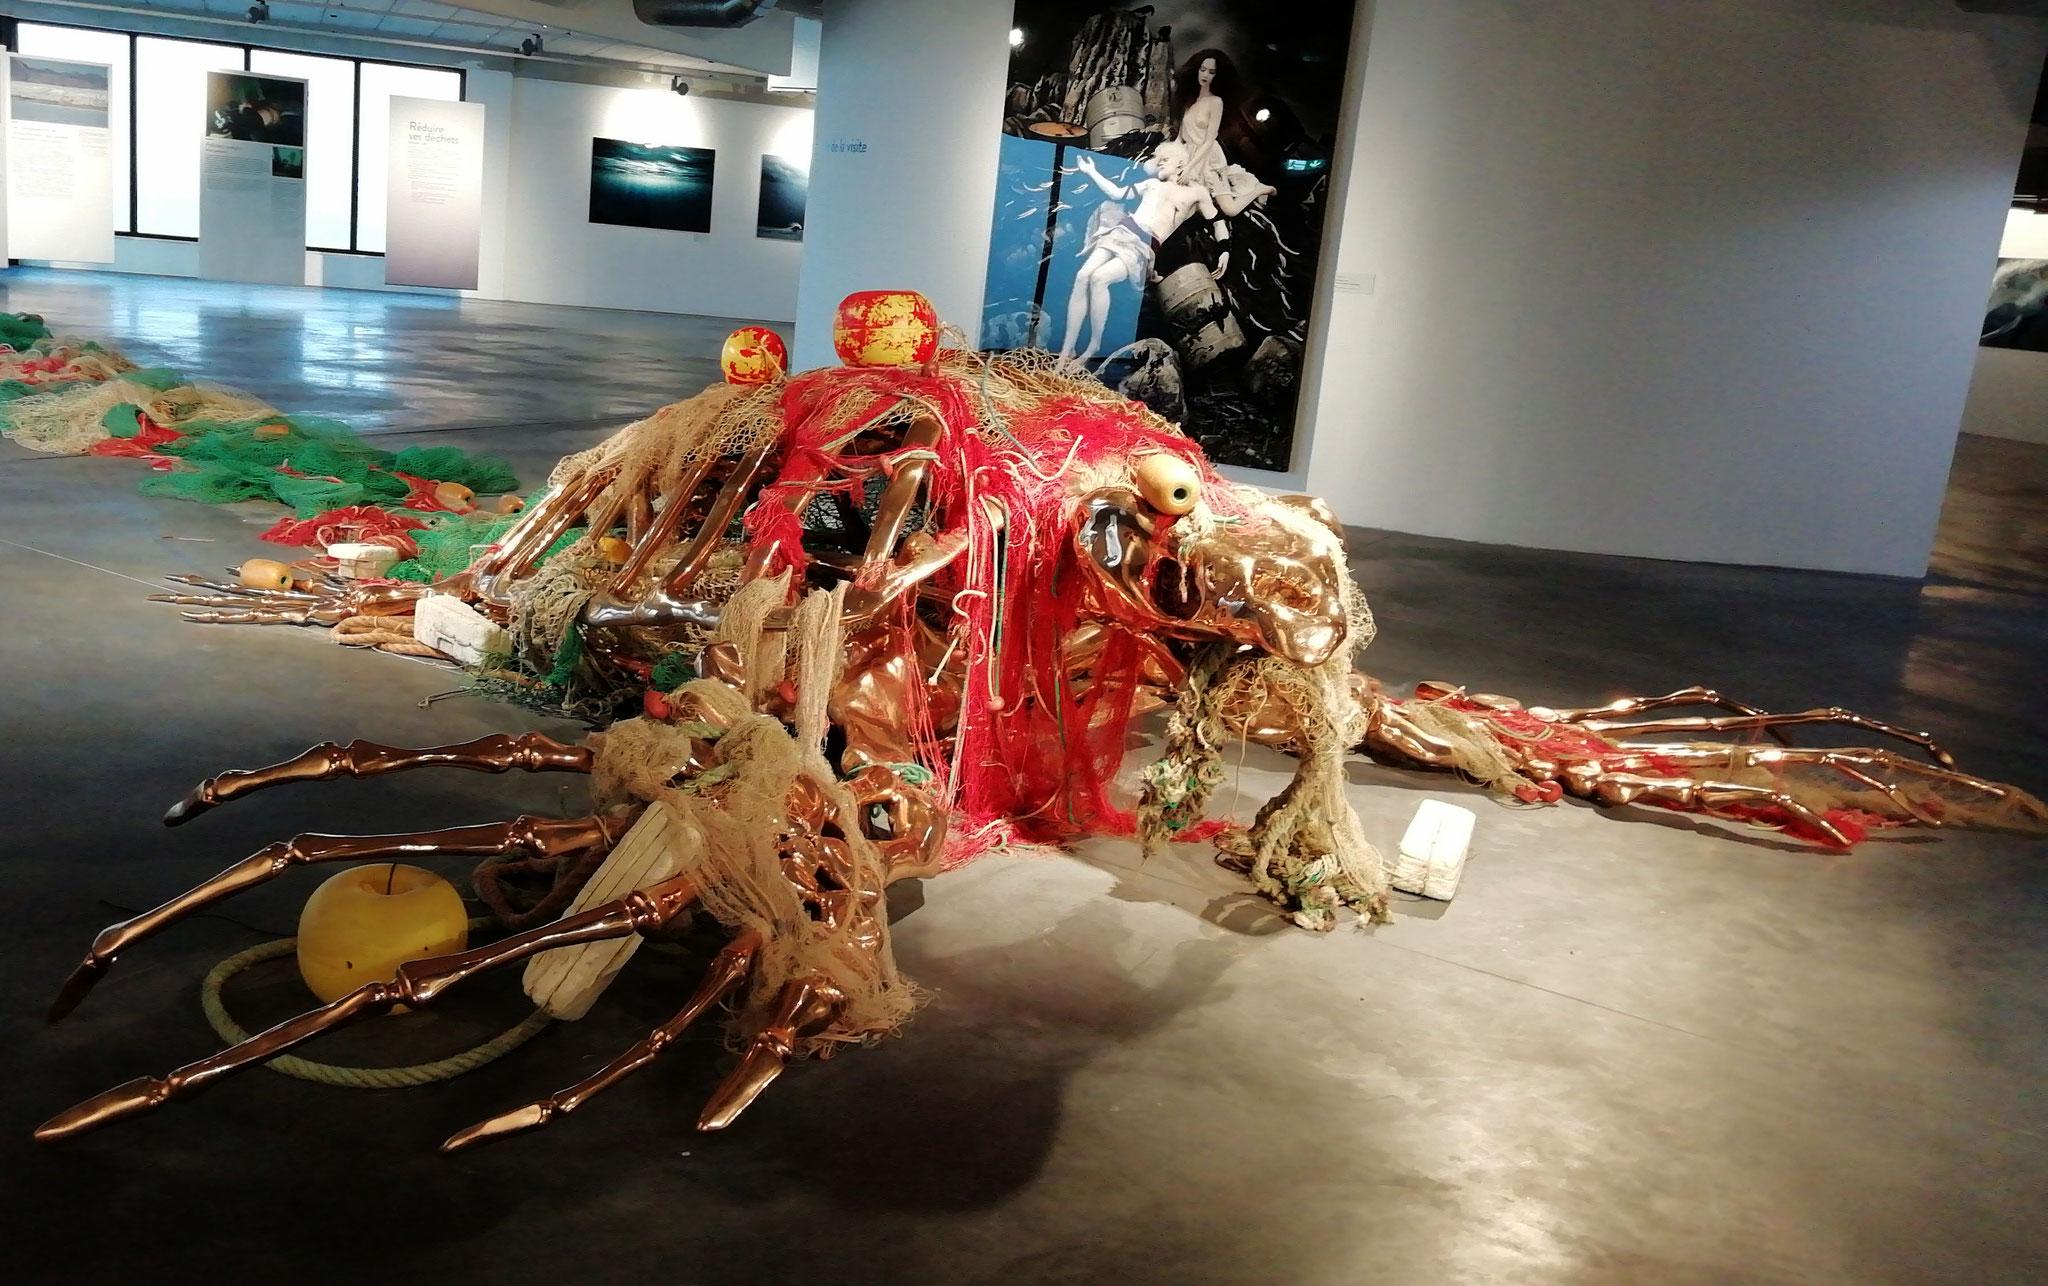 La mort de cette tortue géante évoque la pollution des mers.